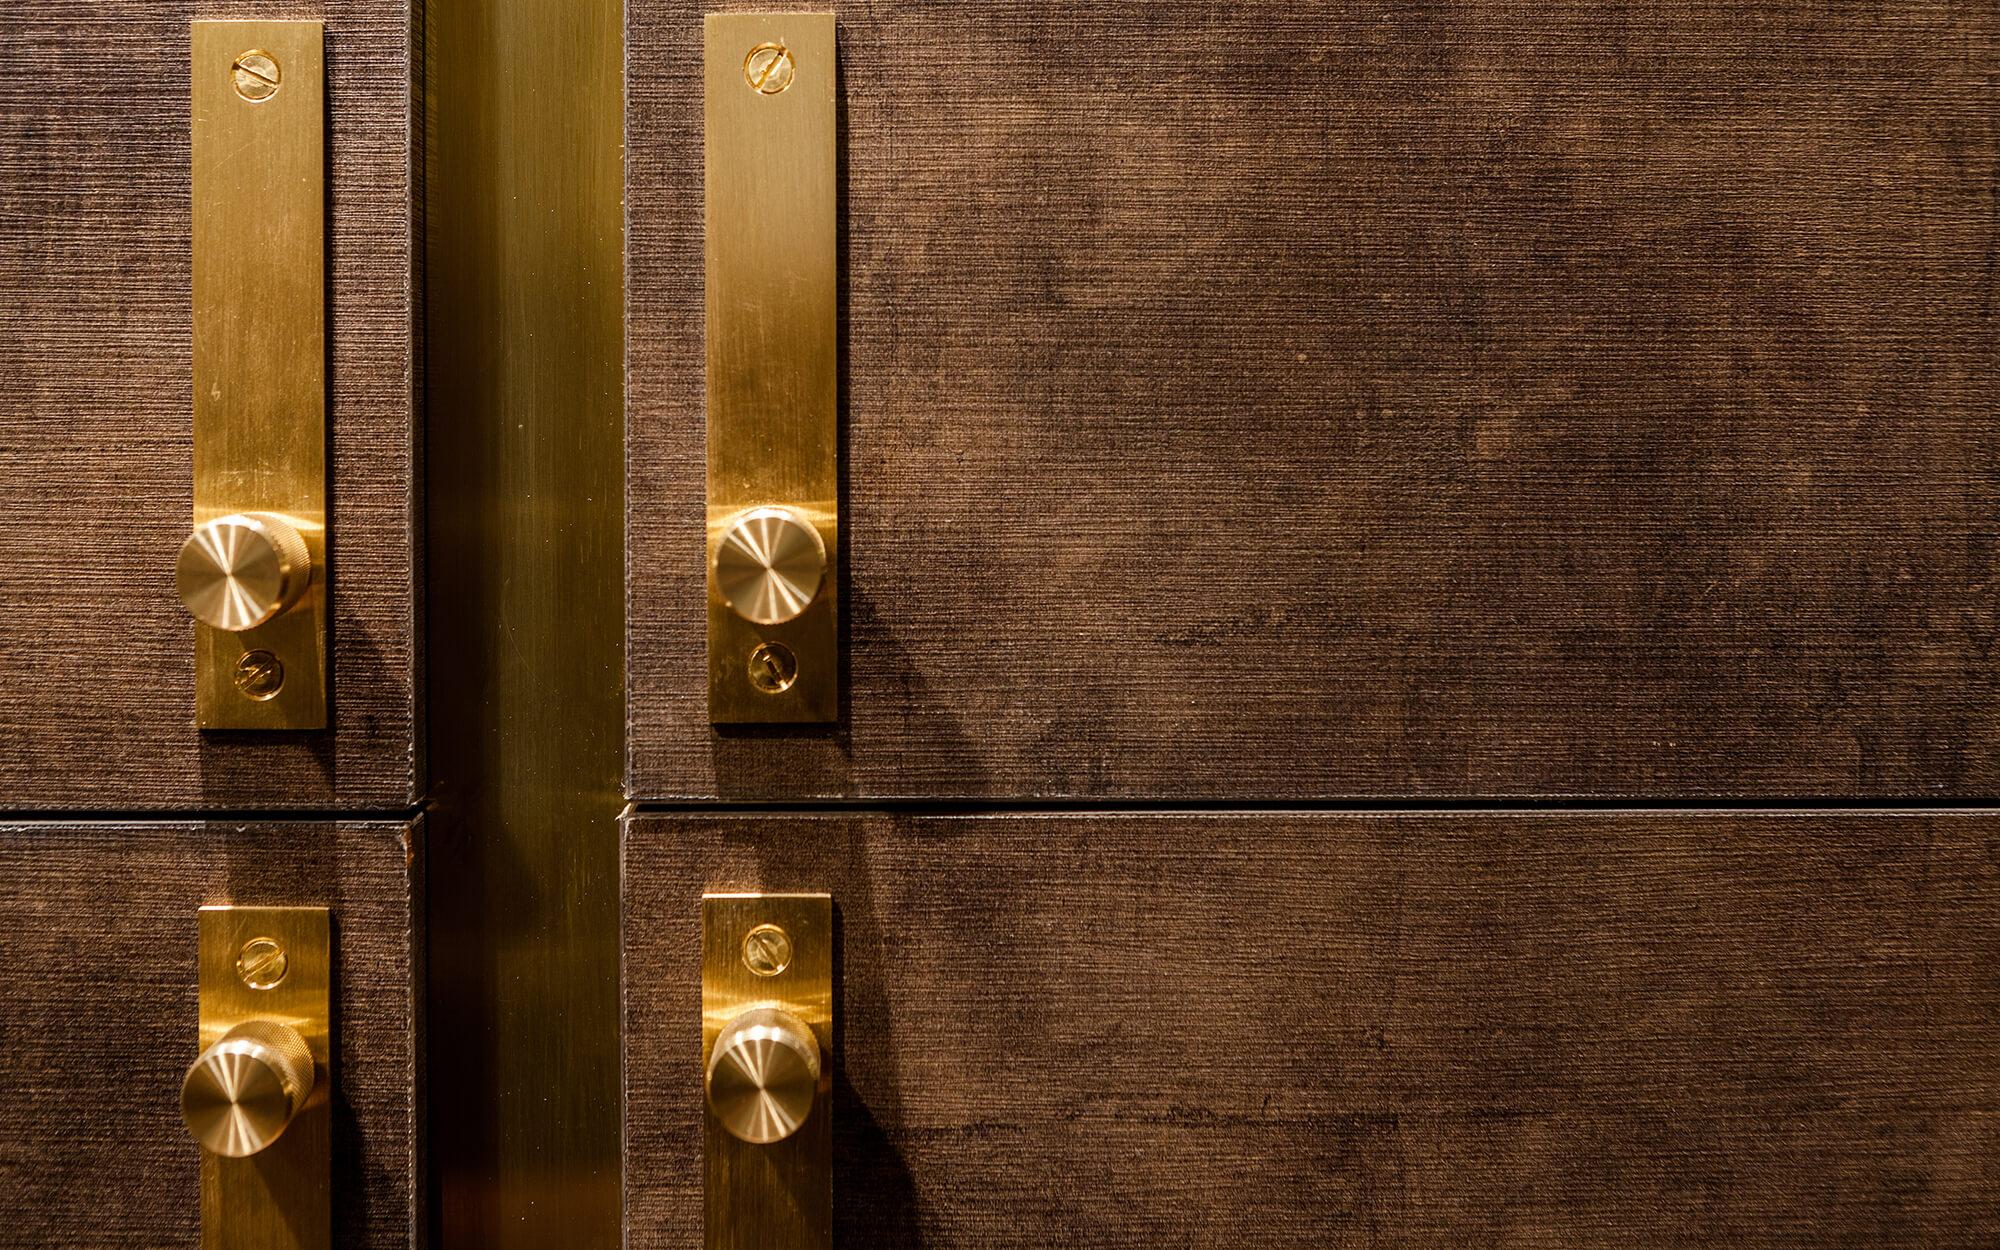 Brass trim on dark brown kitchen cabinetry custom built by Splinterworks